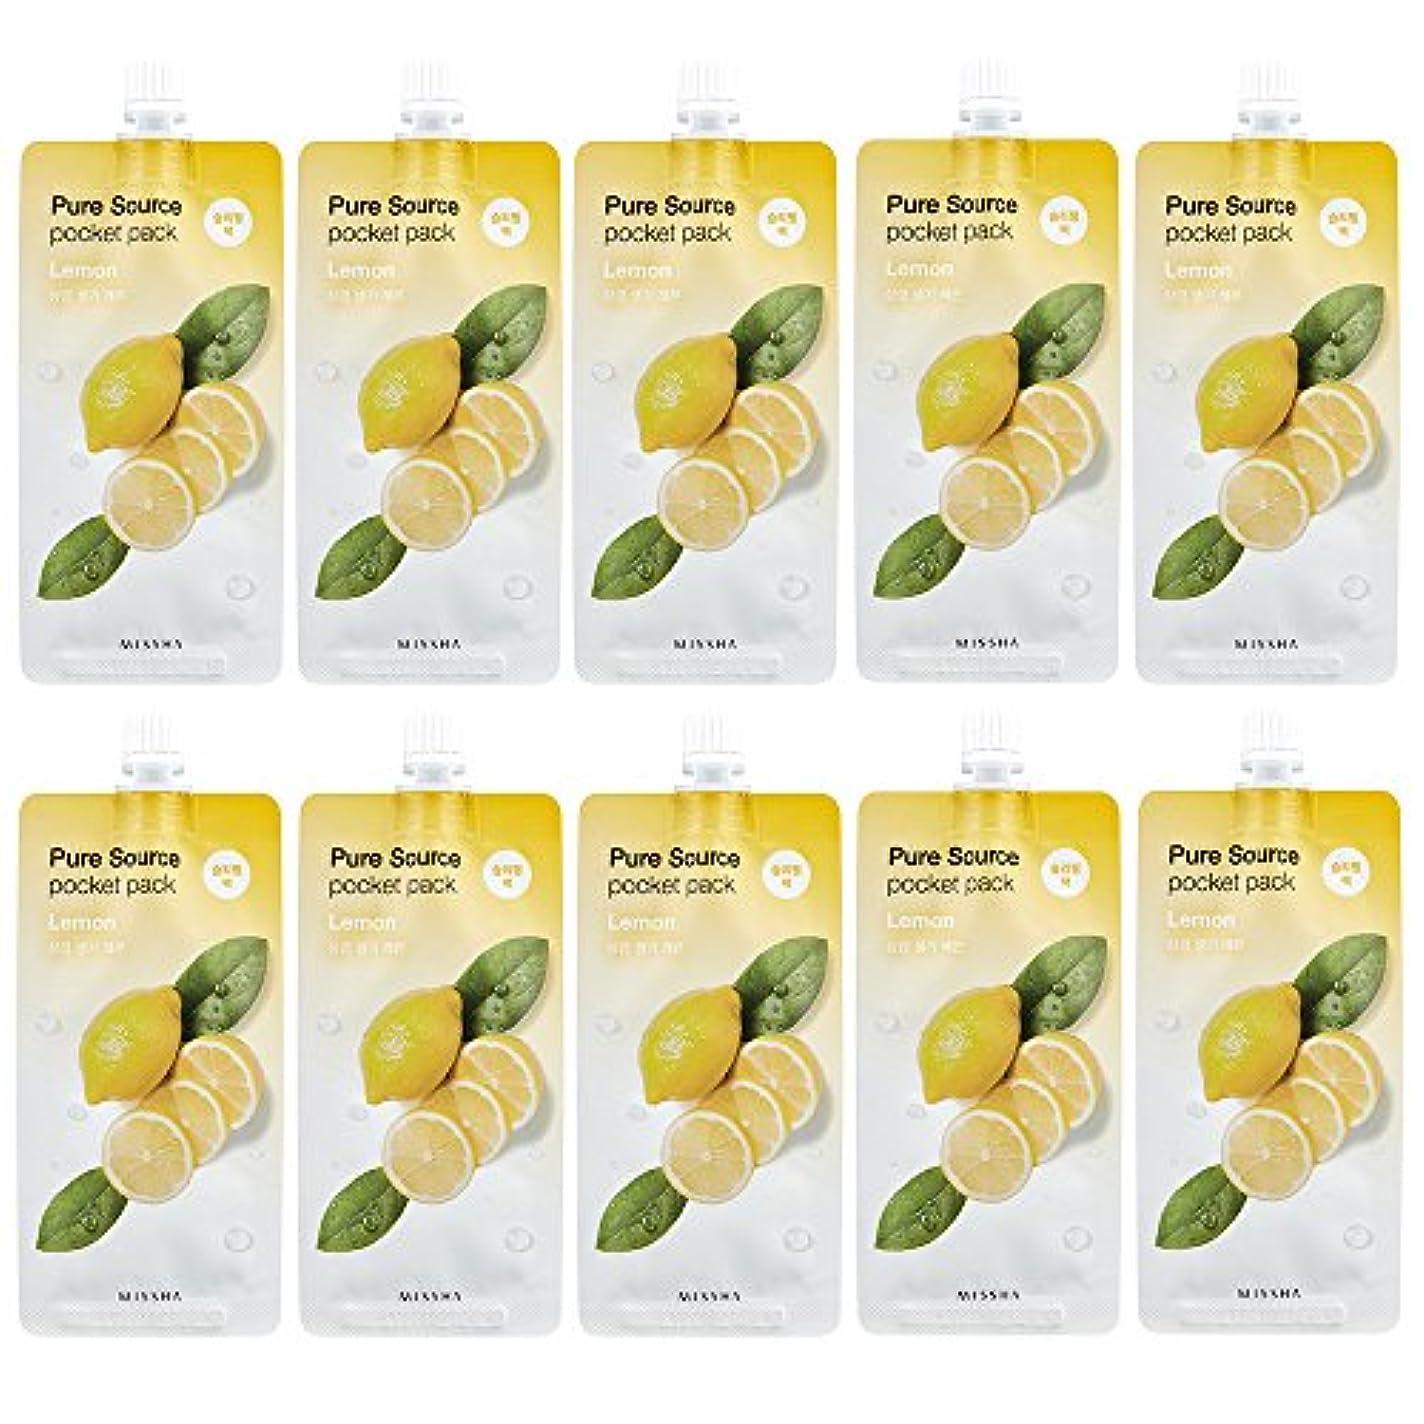 害請求可能シャワーミシャ ピュア ソース ポケット パック 1個 レモン(スリーピングパック)